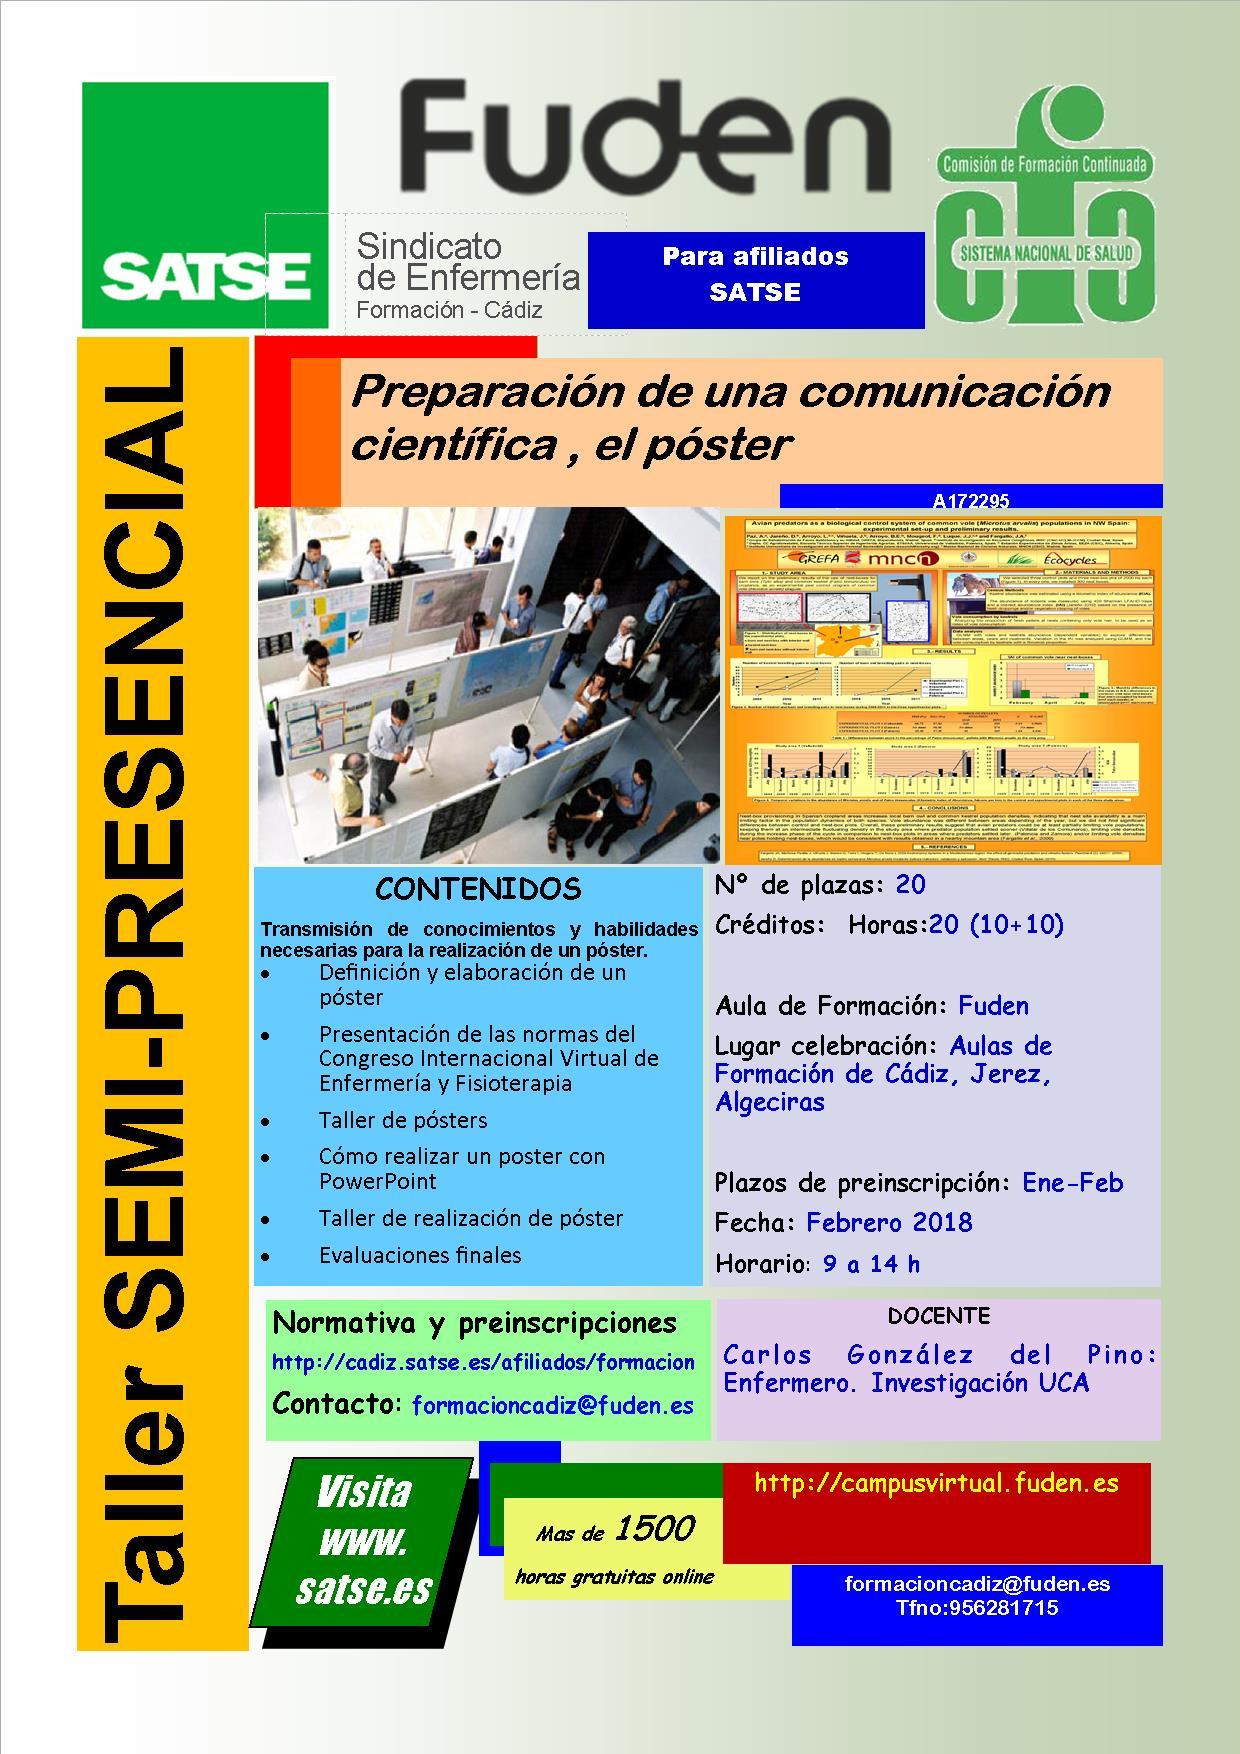 SATSE ALGECIRAS - PREPARACION DE UNA COMUNICACIÓN CIENTIFICA, EL POSTER